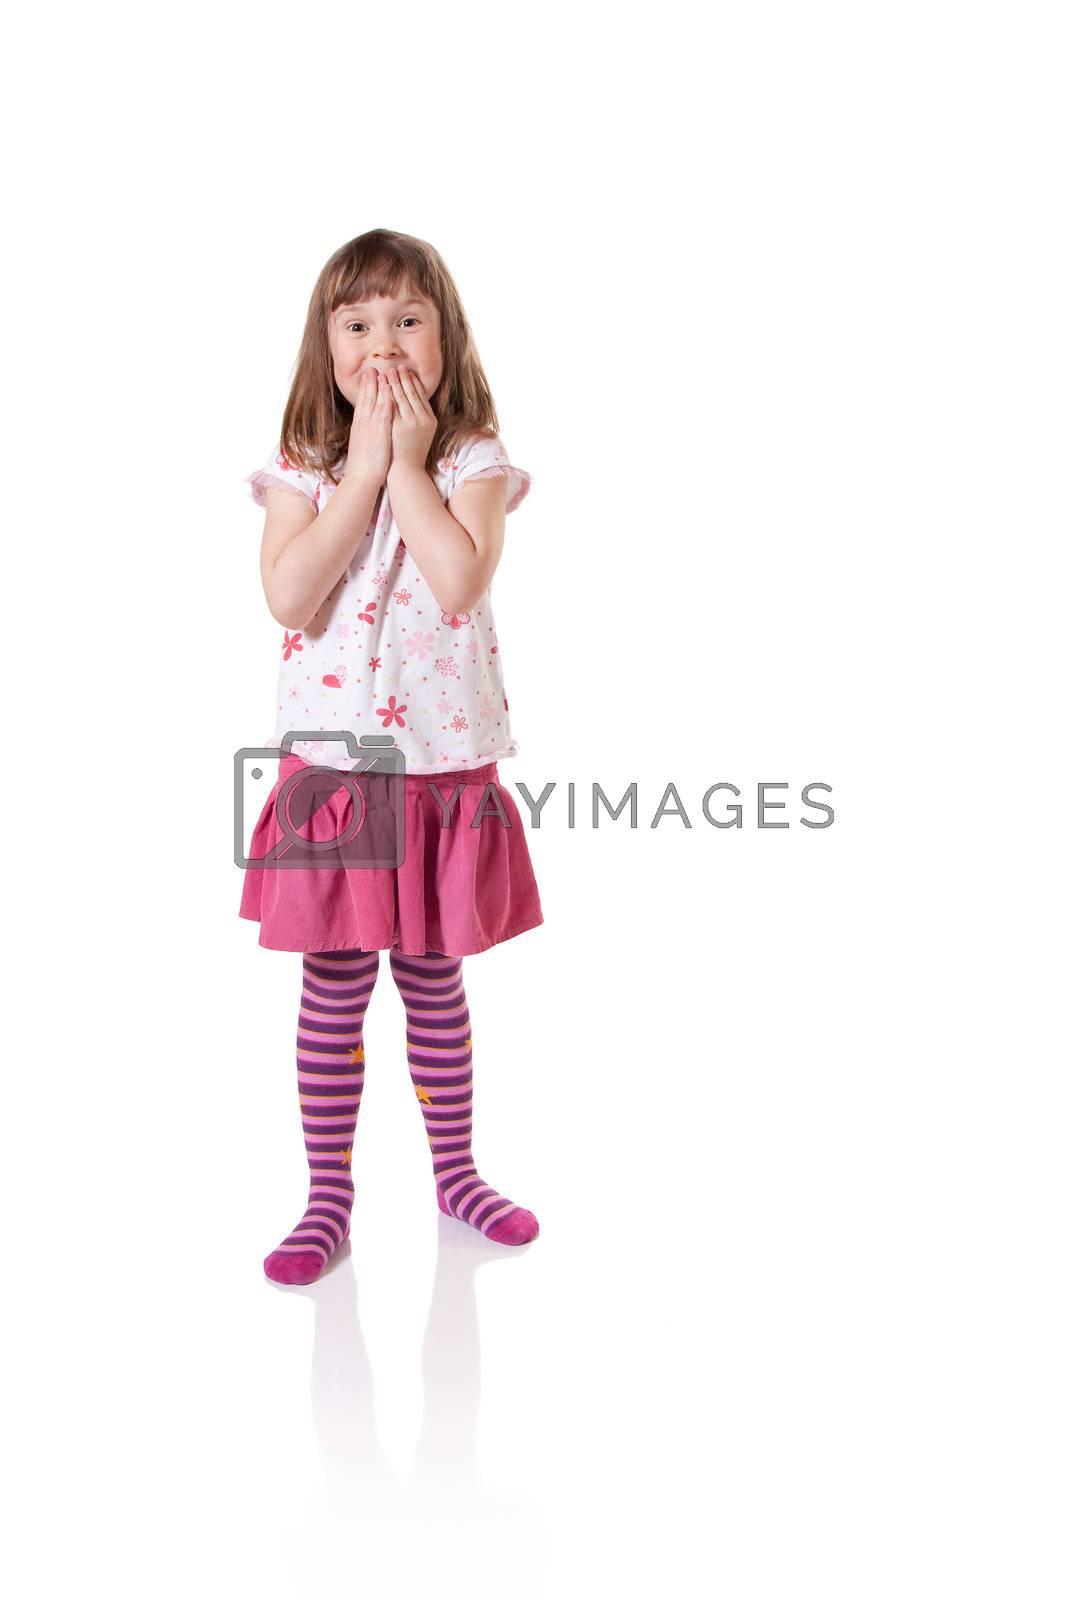 Cute little girl looking surprised